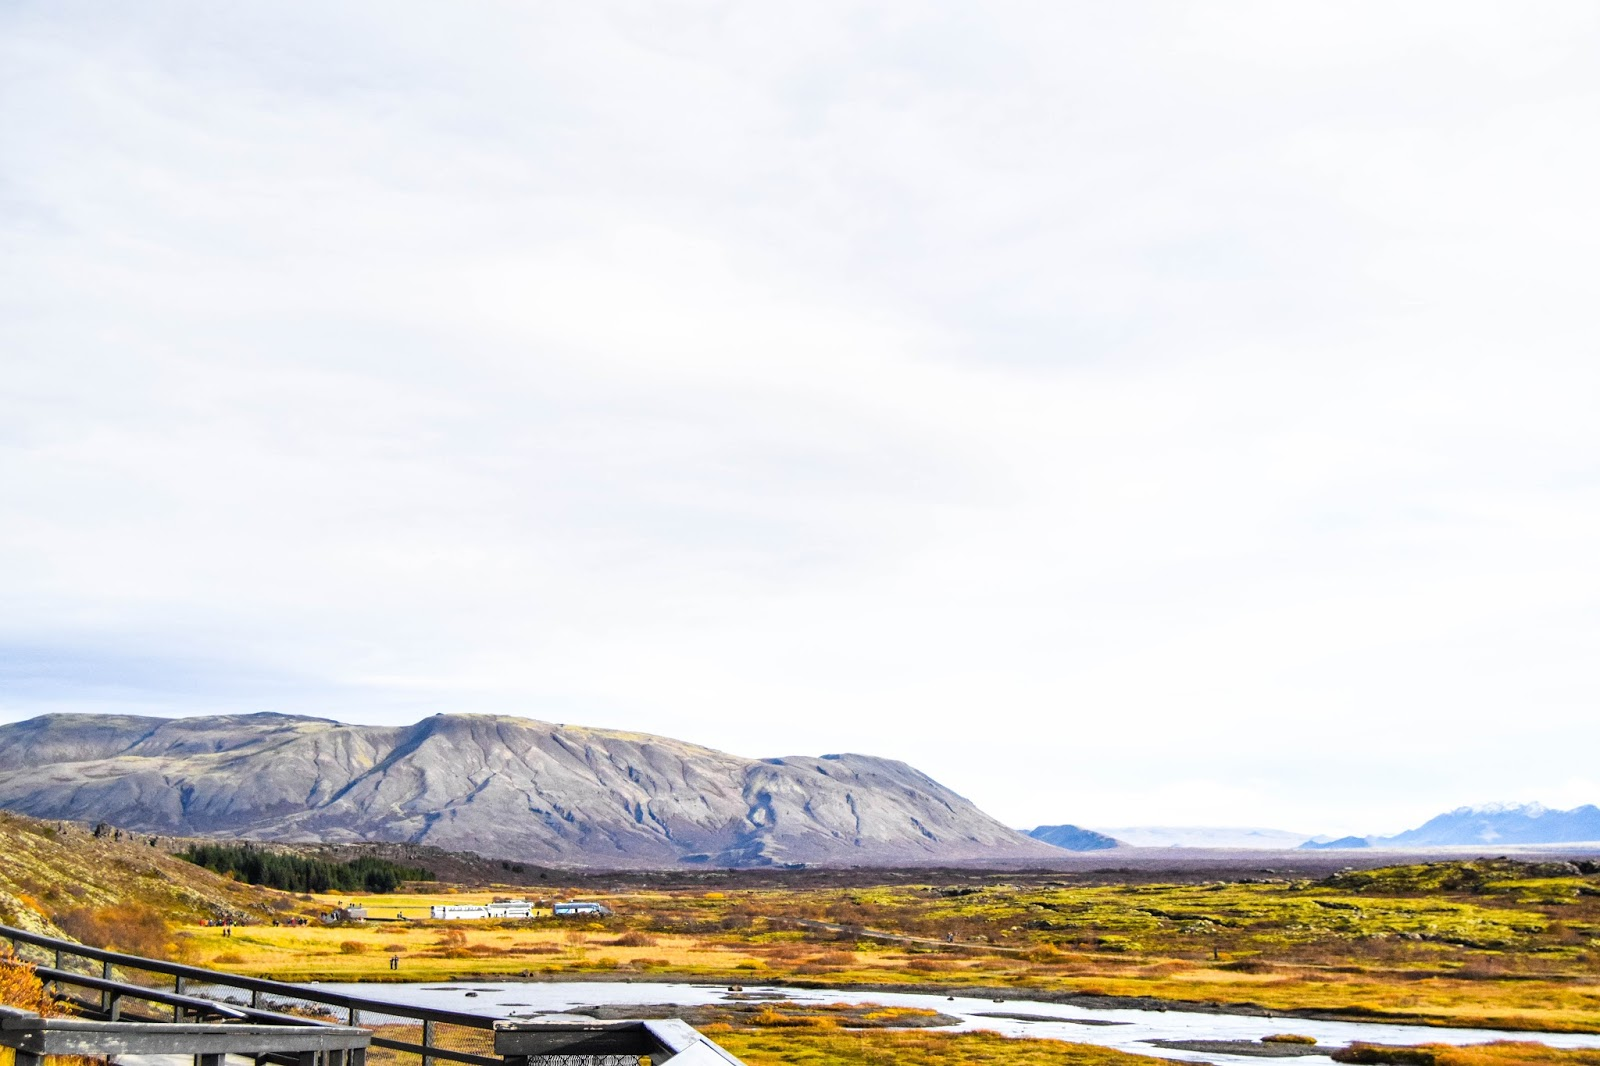 Pingvellir (Thingvellir) National Park